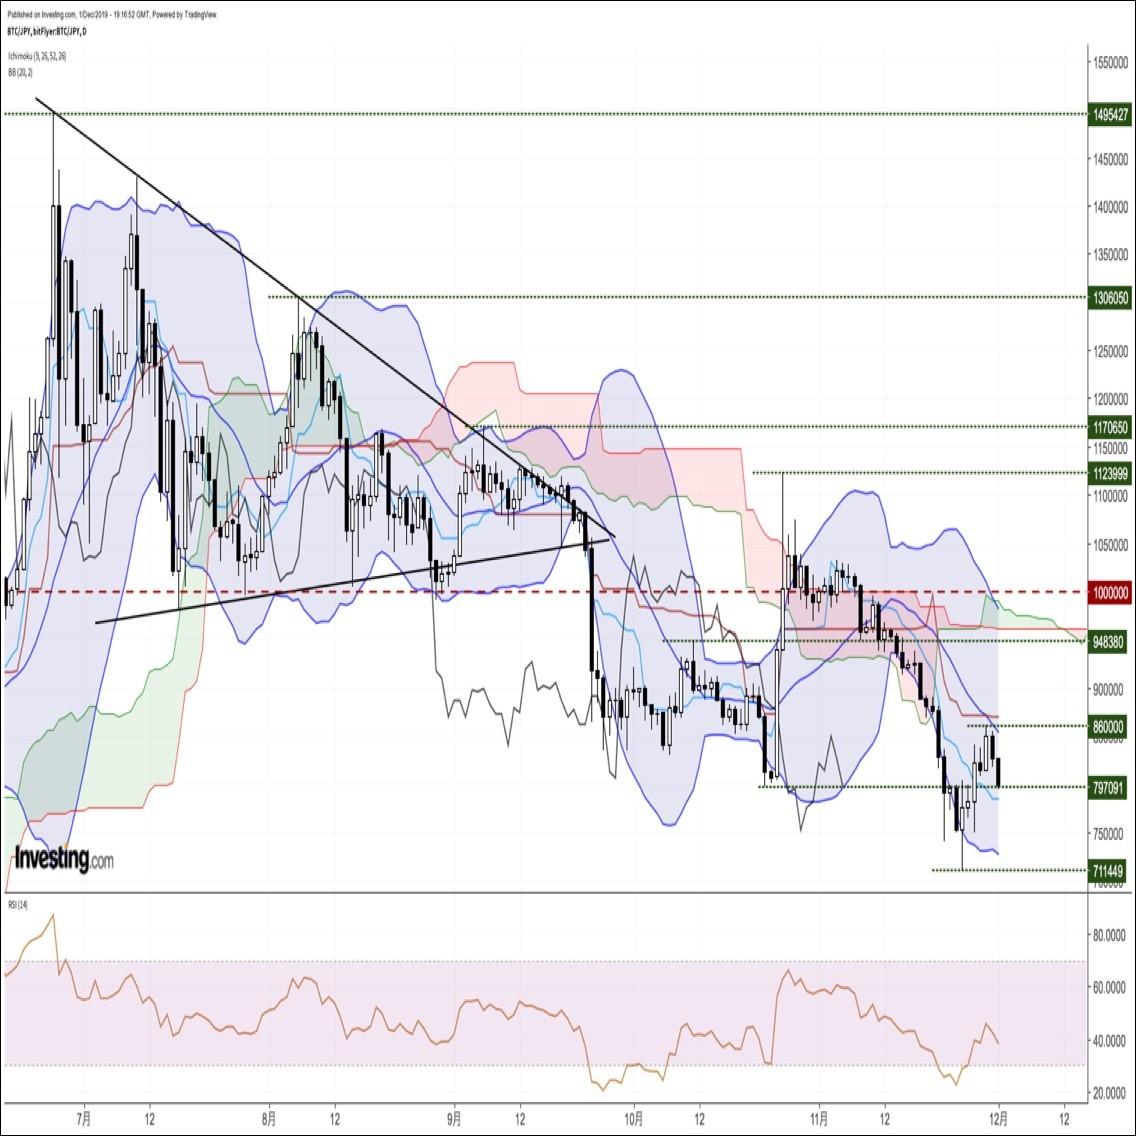 ビットコイン円、買い戻し一巡後に再び下落。フィボナッチ38.2%押しを割り込む展開